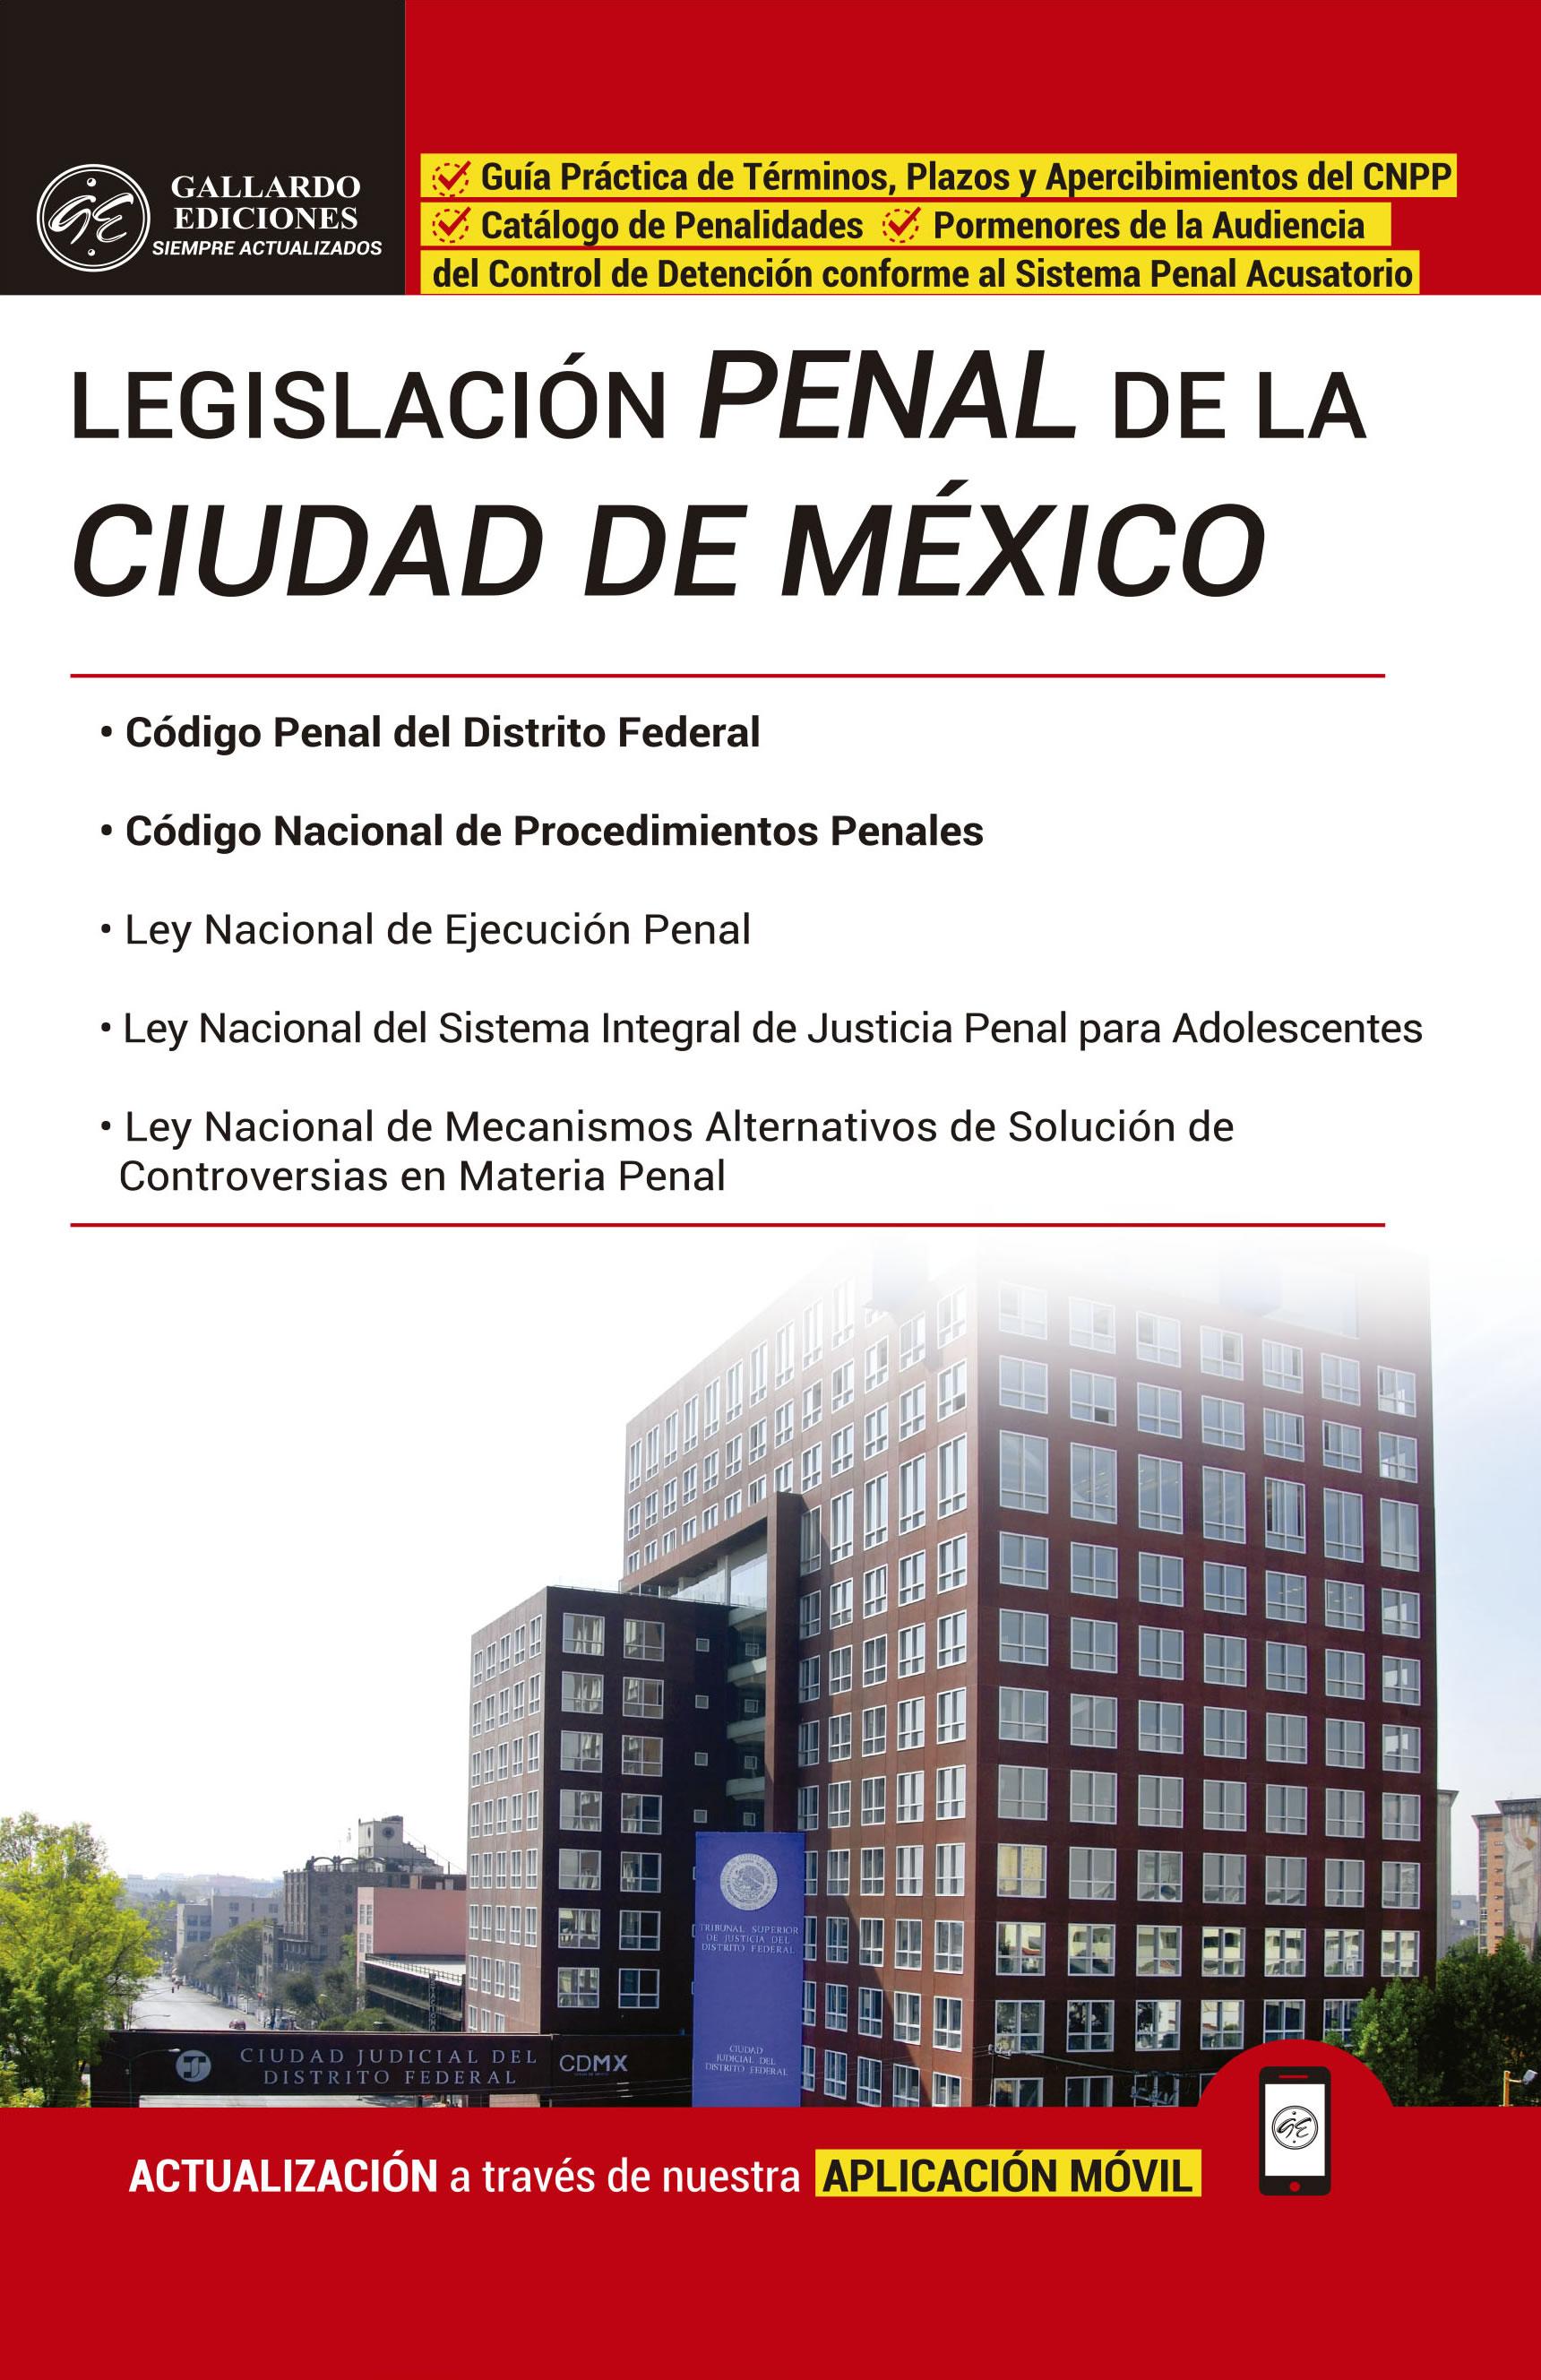 Legislación Penal de la Ciudad de México 2018 PRO